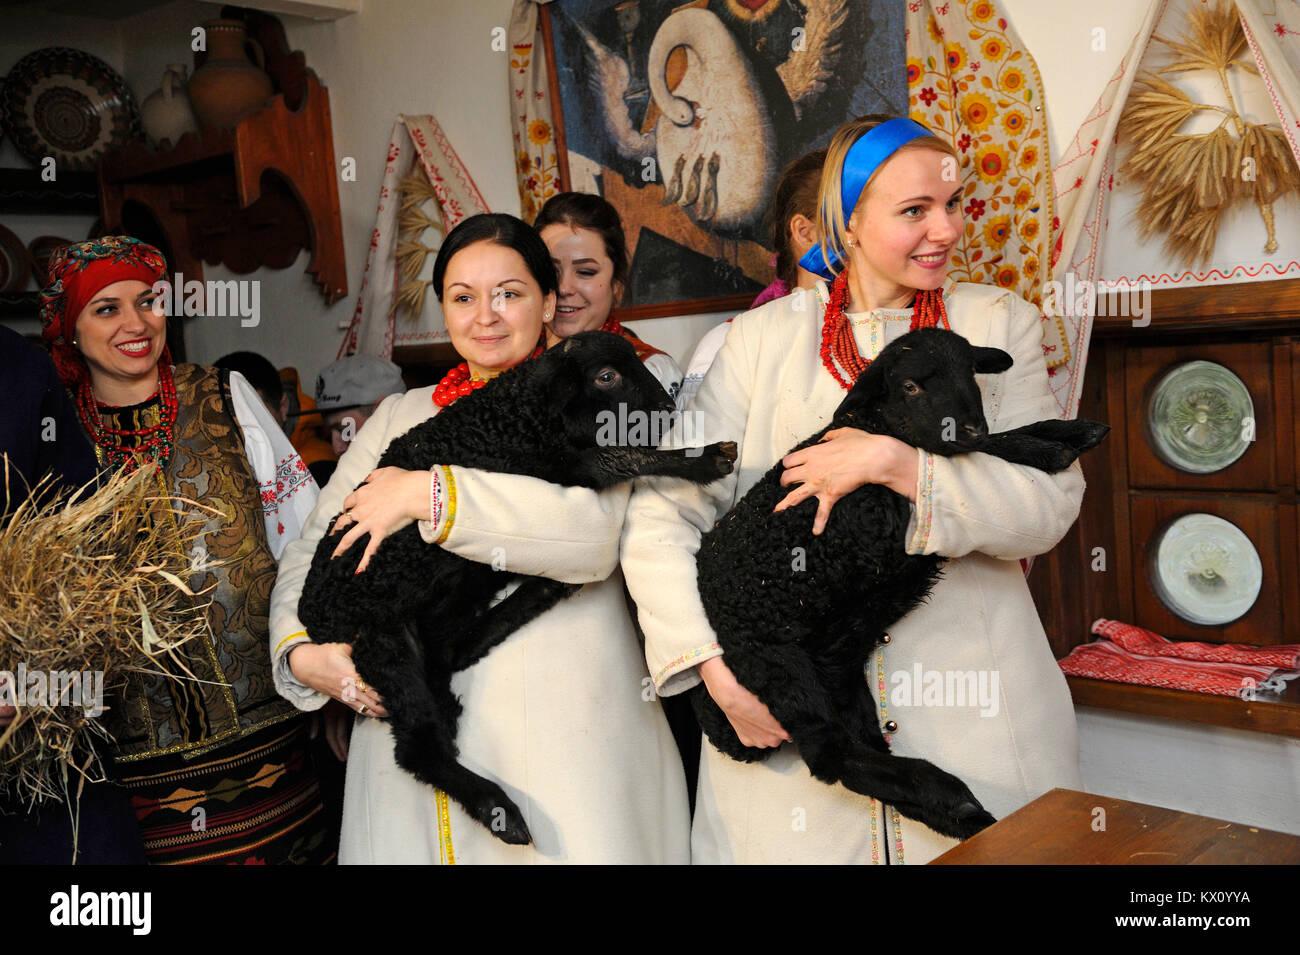 Le donne in costumi indigeni con pecora celebrare la vigilia di Natale. La ricostruzione di ucraini tradizioni popolari Immagini Stock